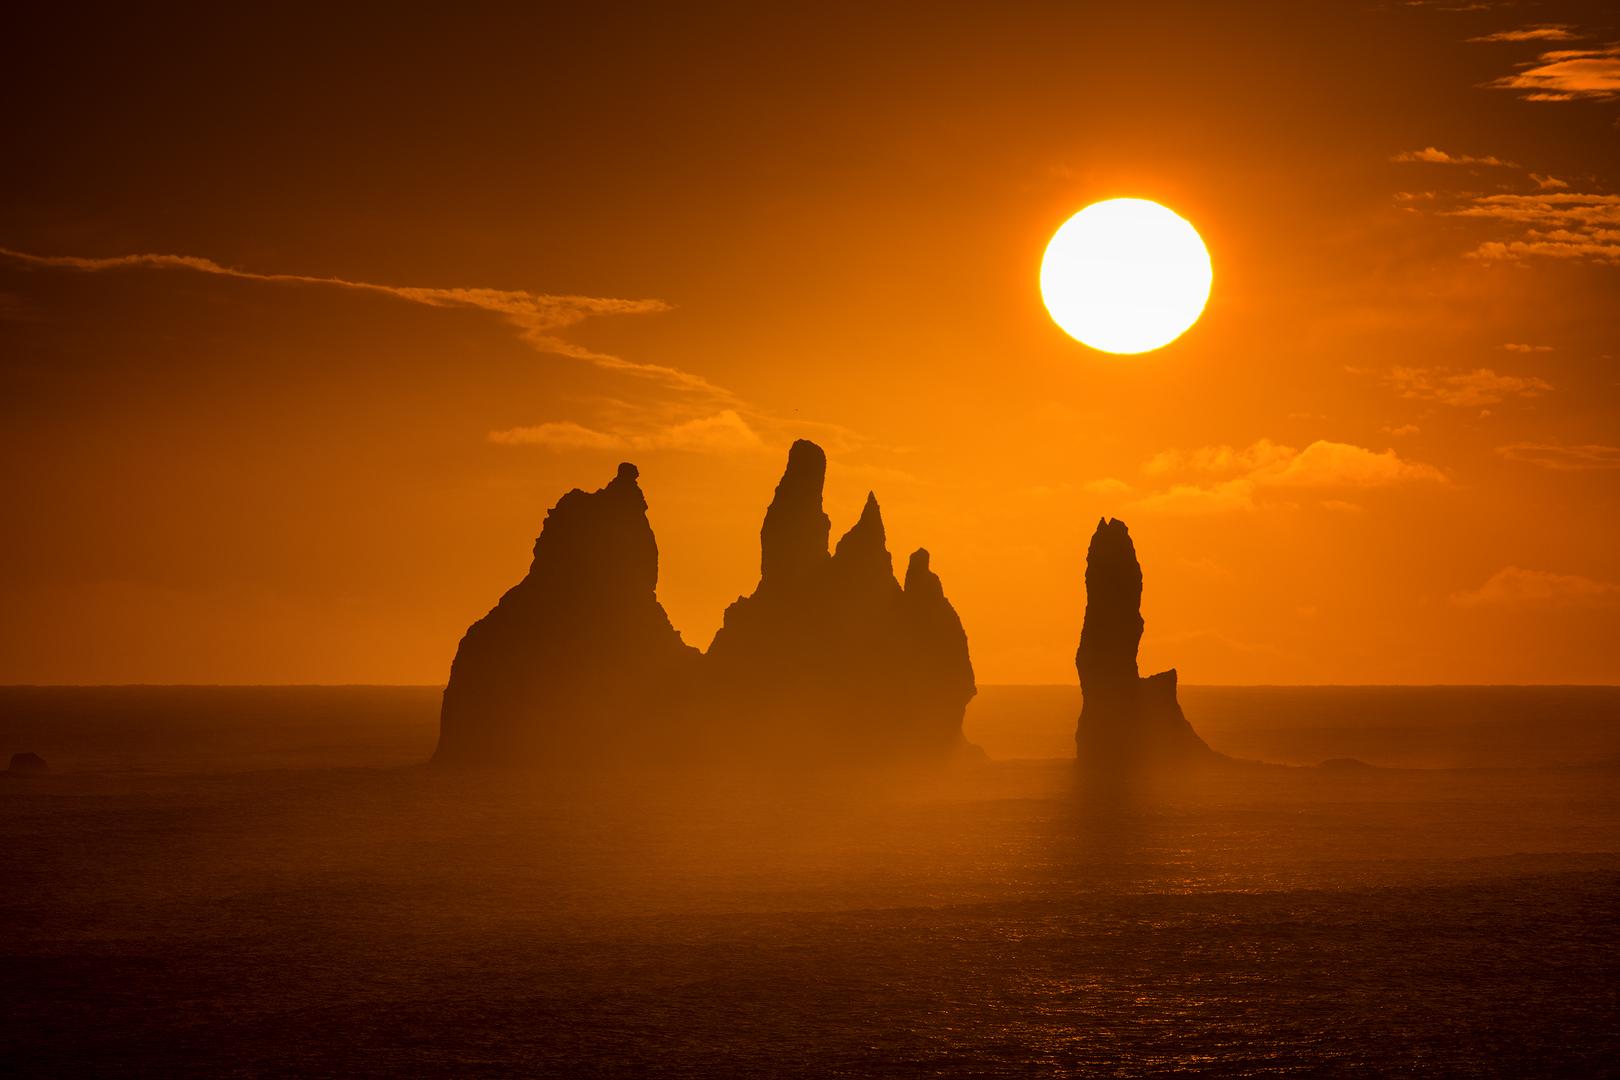 Le soleil de minuit qui brille sur la mer s'est accumulé juste au large de la plage de sable noir de Reynisfjara.